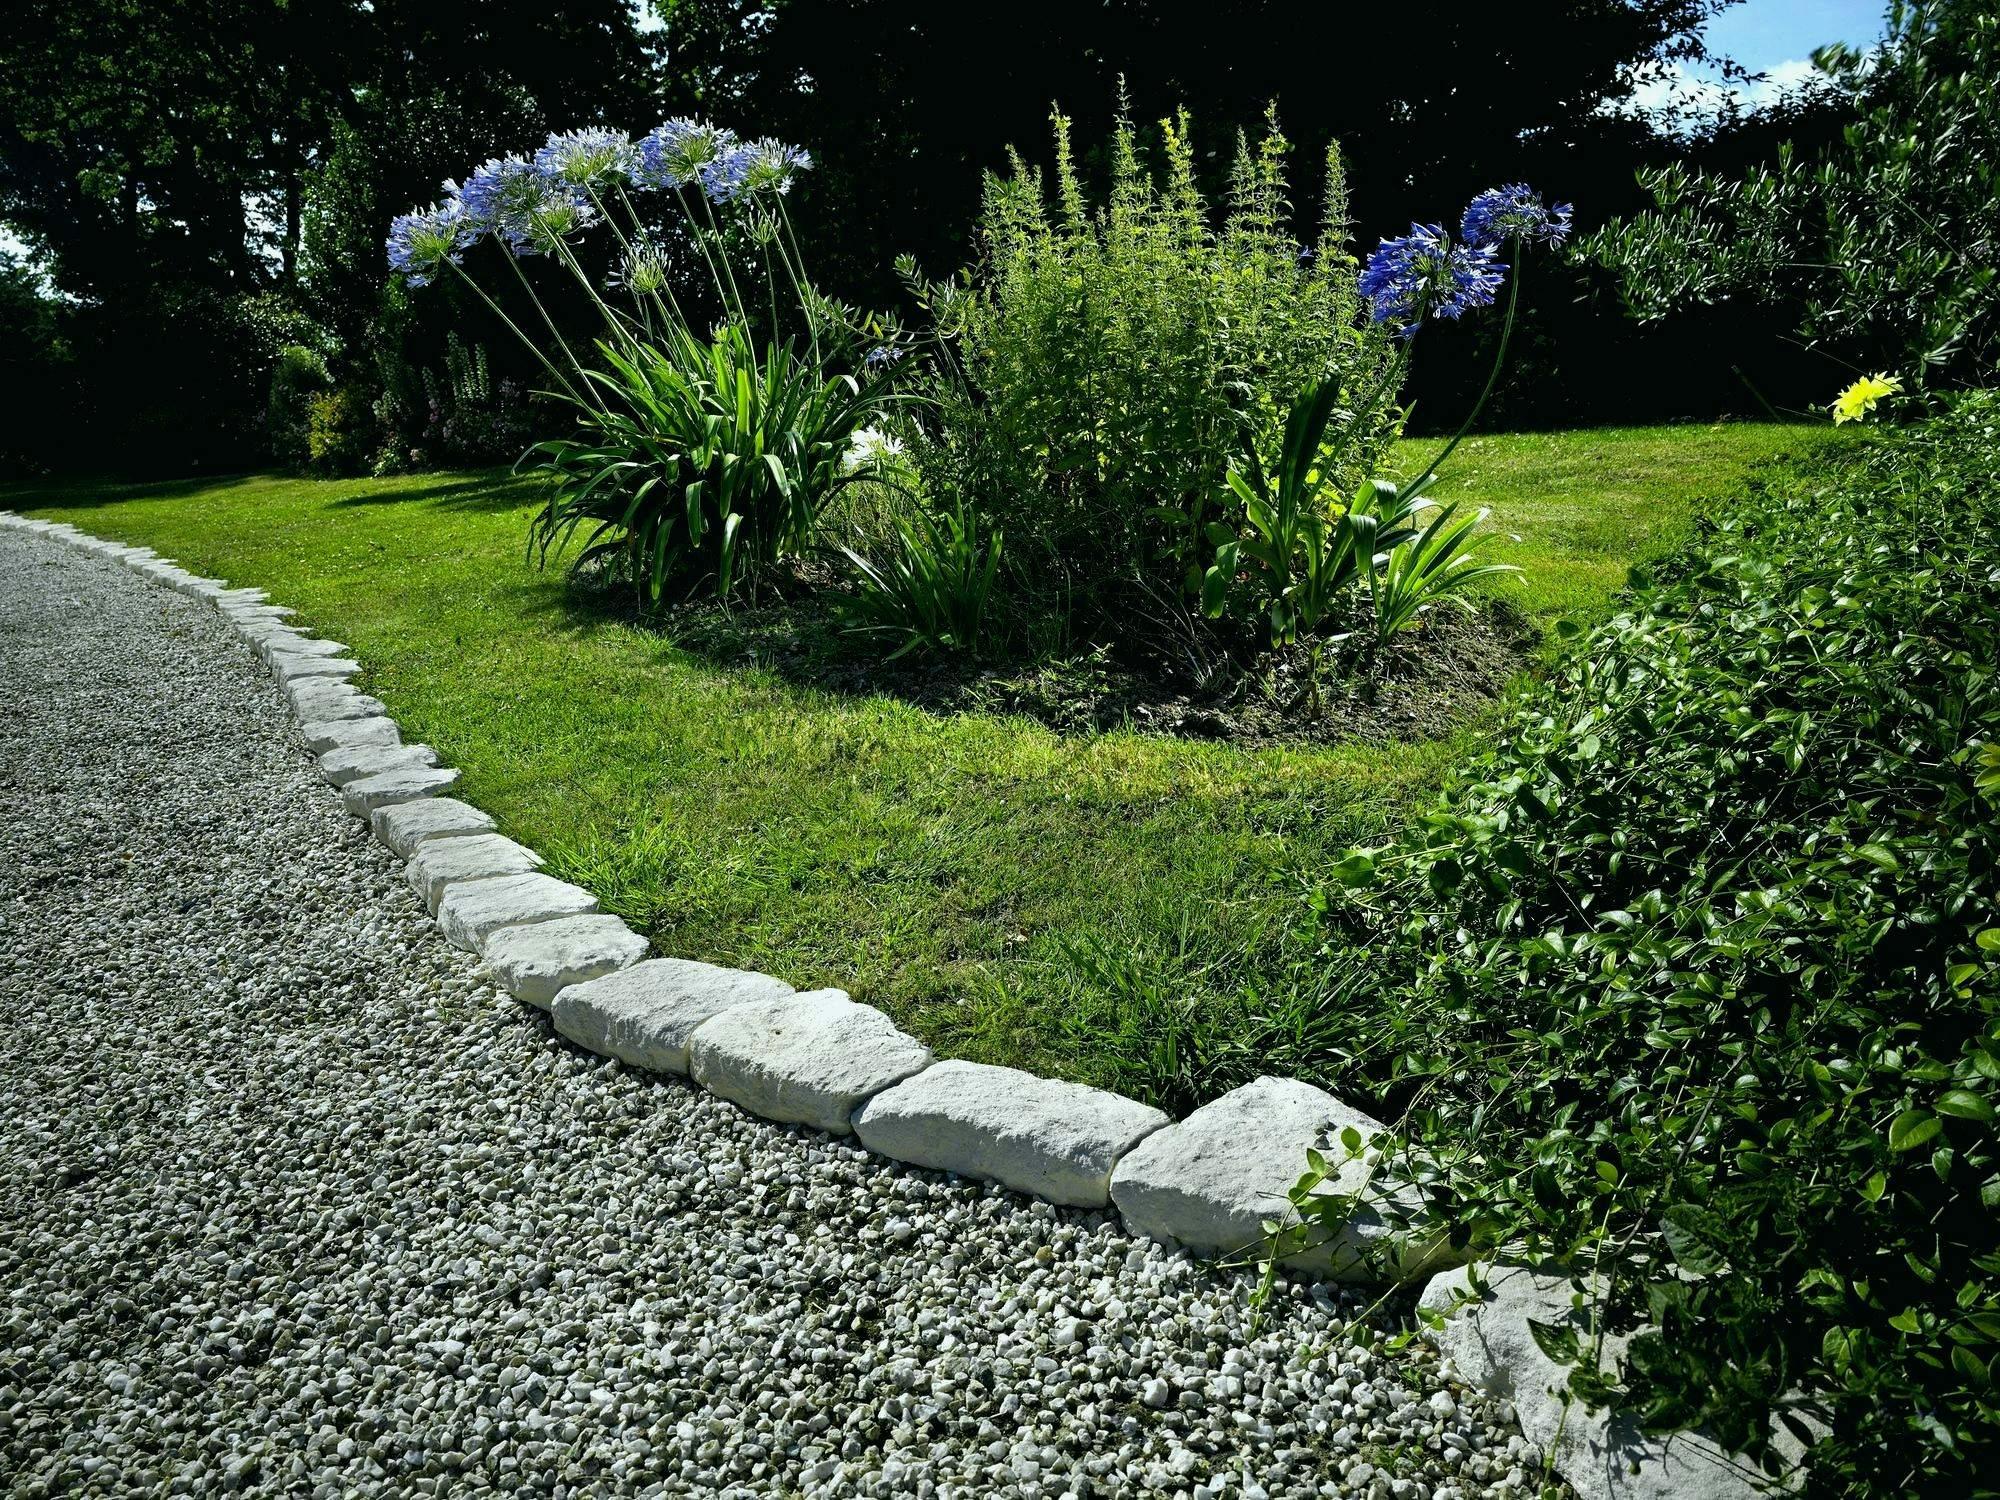 Bordure Jardin Moderne Luxe Photos Jardin Moderne Gracieux Cloture De Jardin Moderne Les Jardins